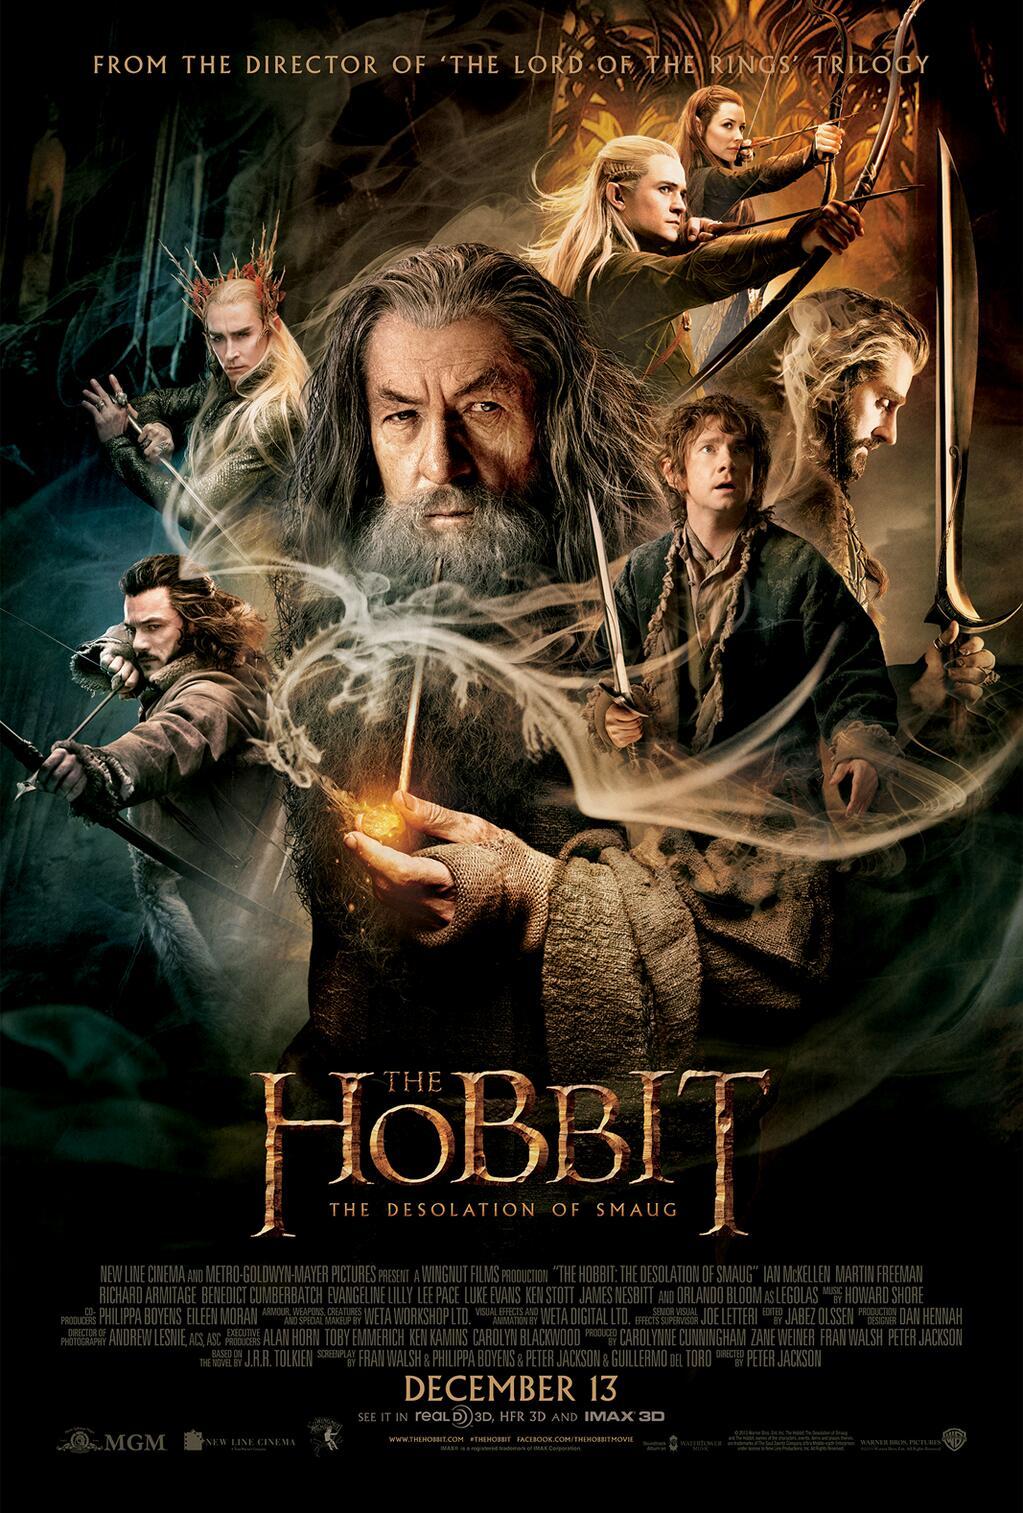 Le Hobbit: la désolation de Smaug - Peter Jackson 818773TheHobbitTheDesolationofSmaugPoster